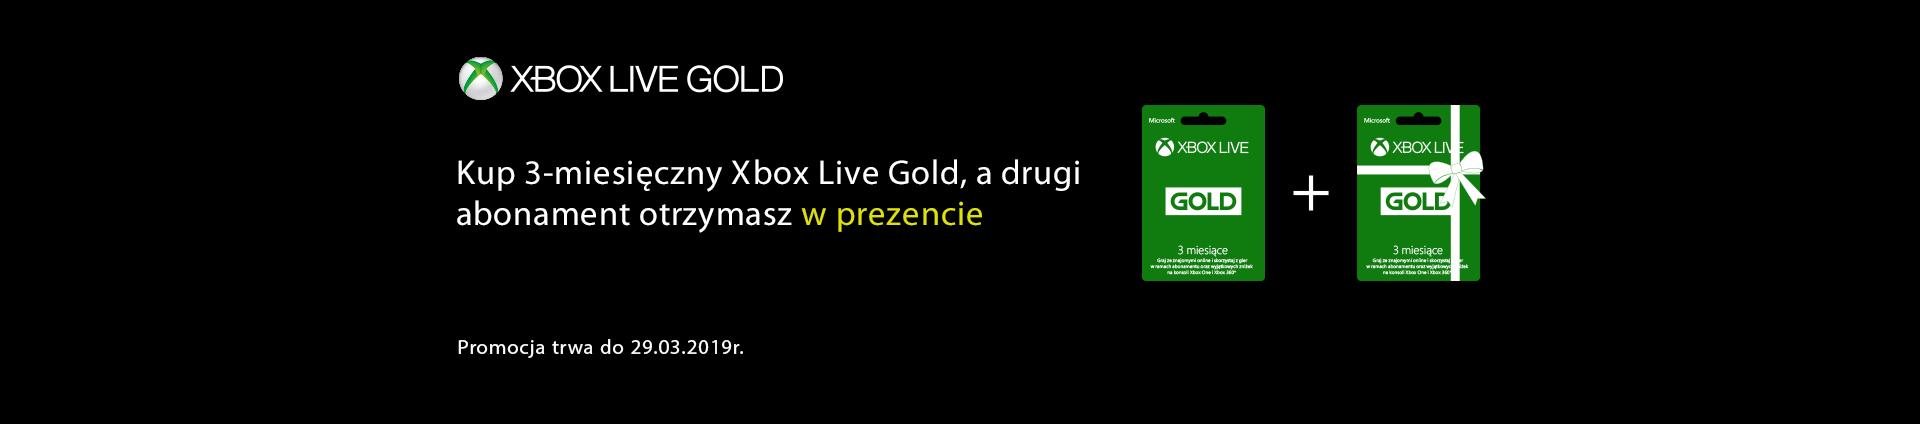 Kup 3 miesięczny Xbox Live Gold, a drugi abonament otrzymasz w prezencie.